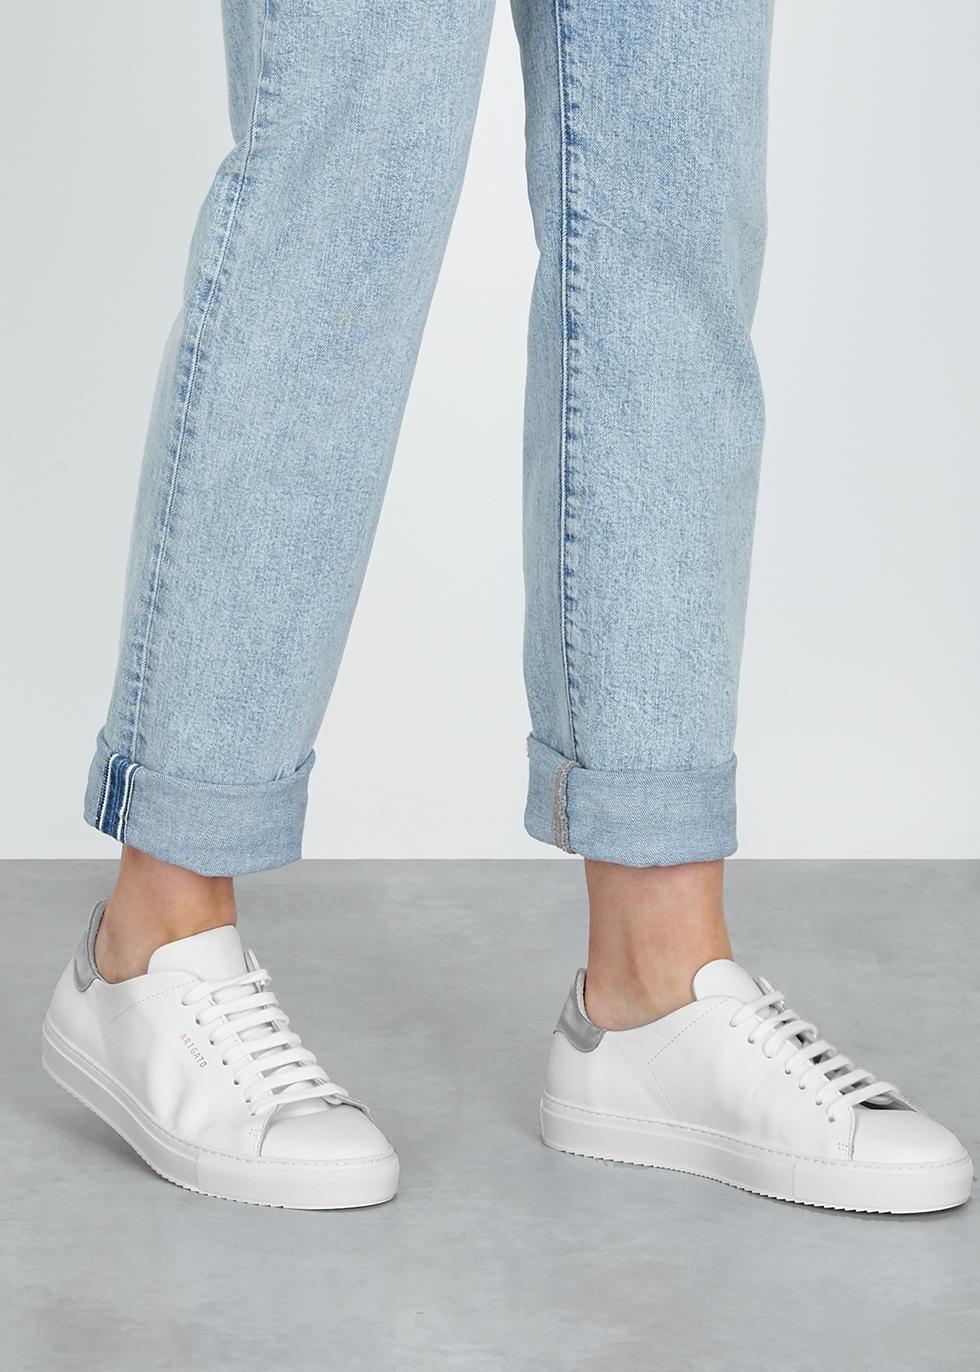 Axel Arigato Clean 90 white leather